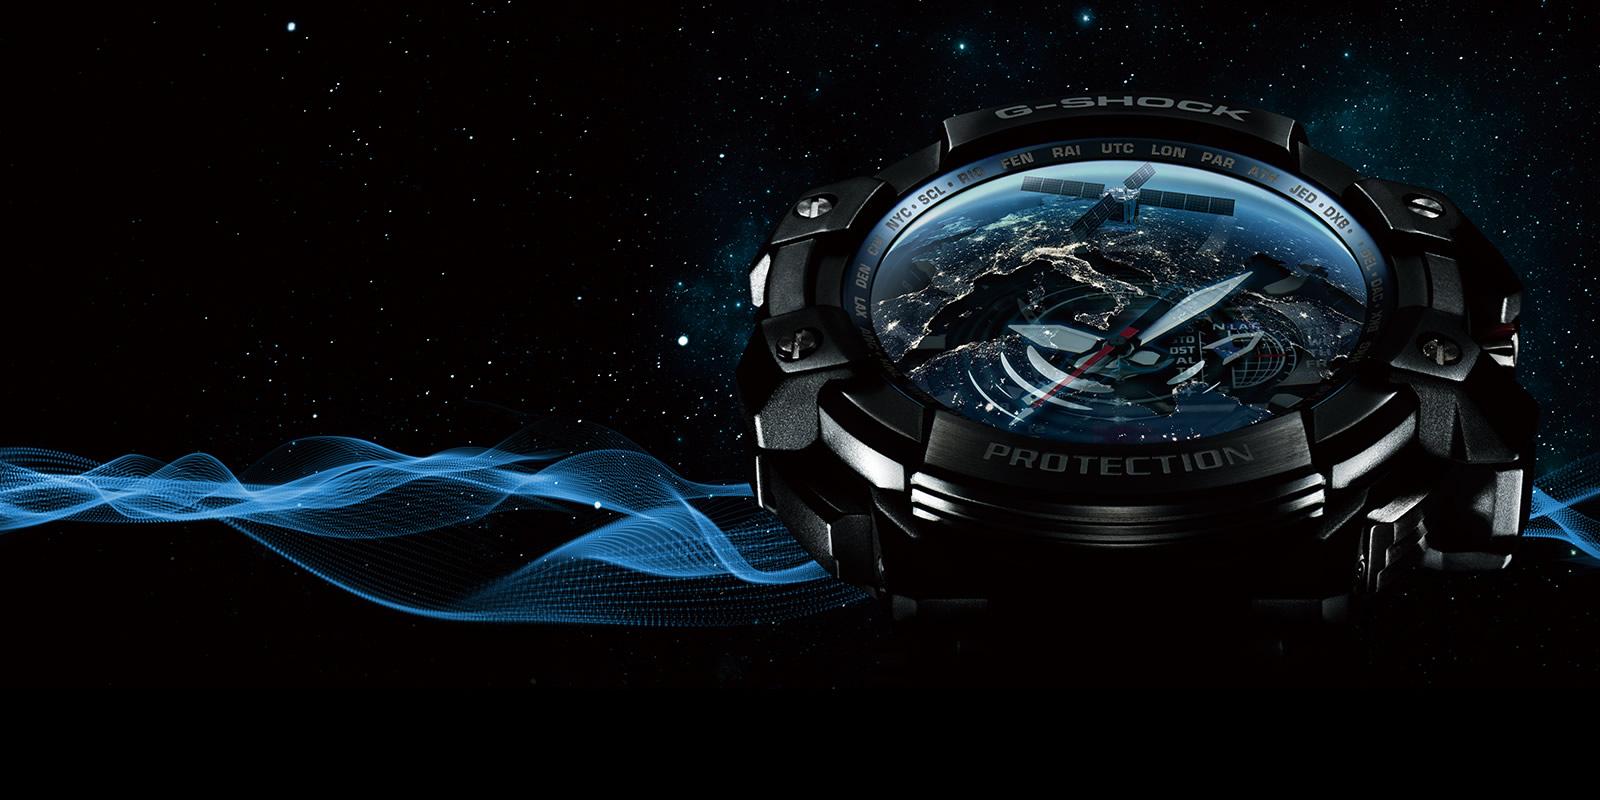 mister-watch-orologeria-biella-borgomanero-casio-g-shock